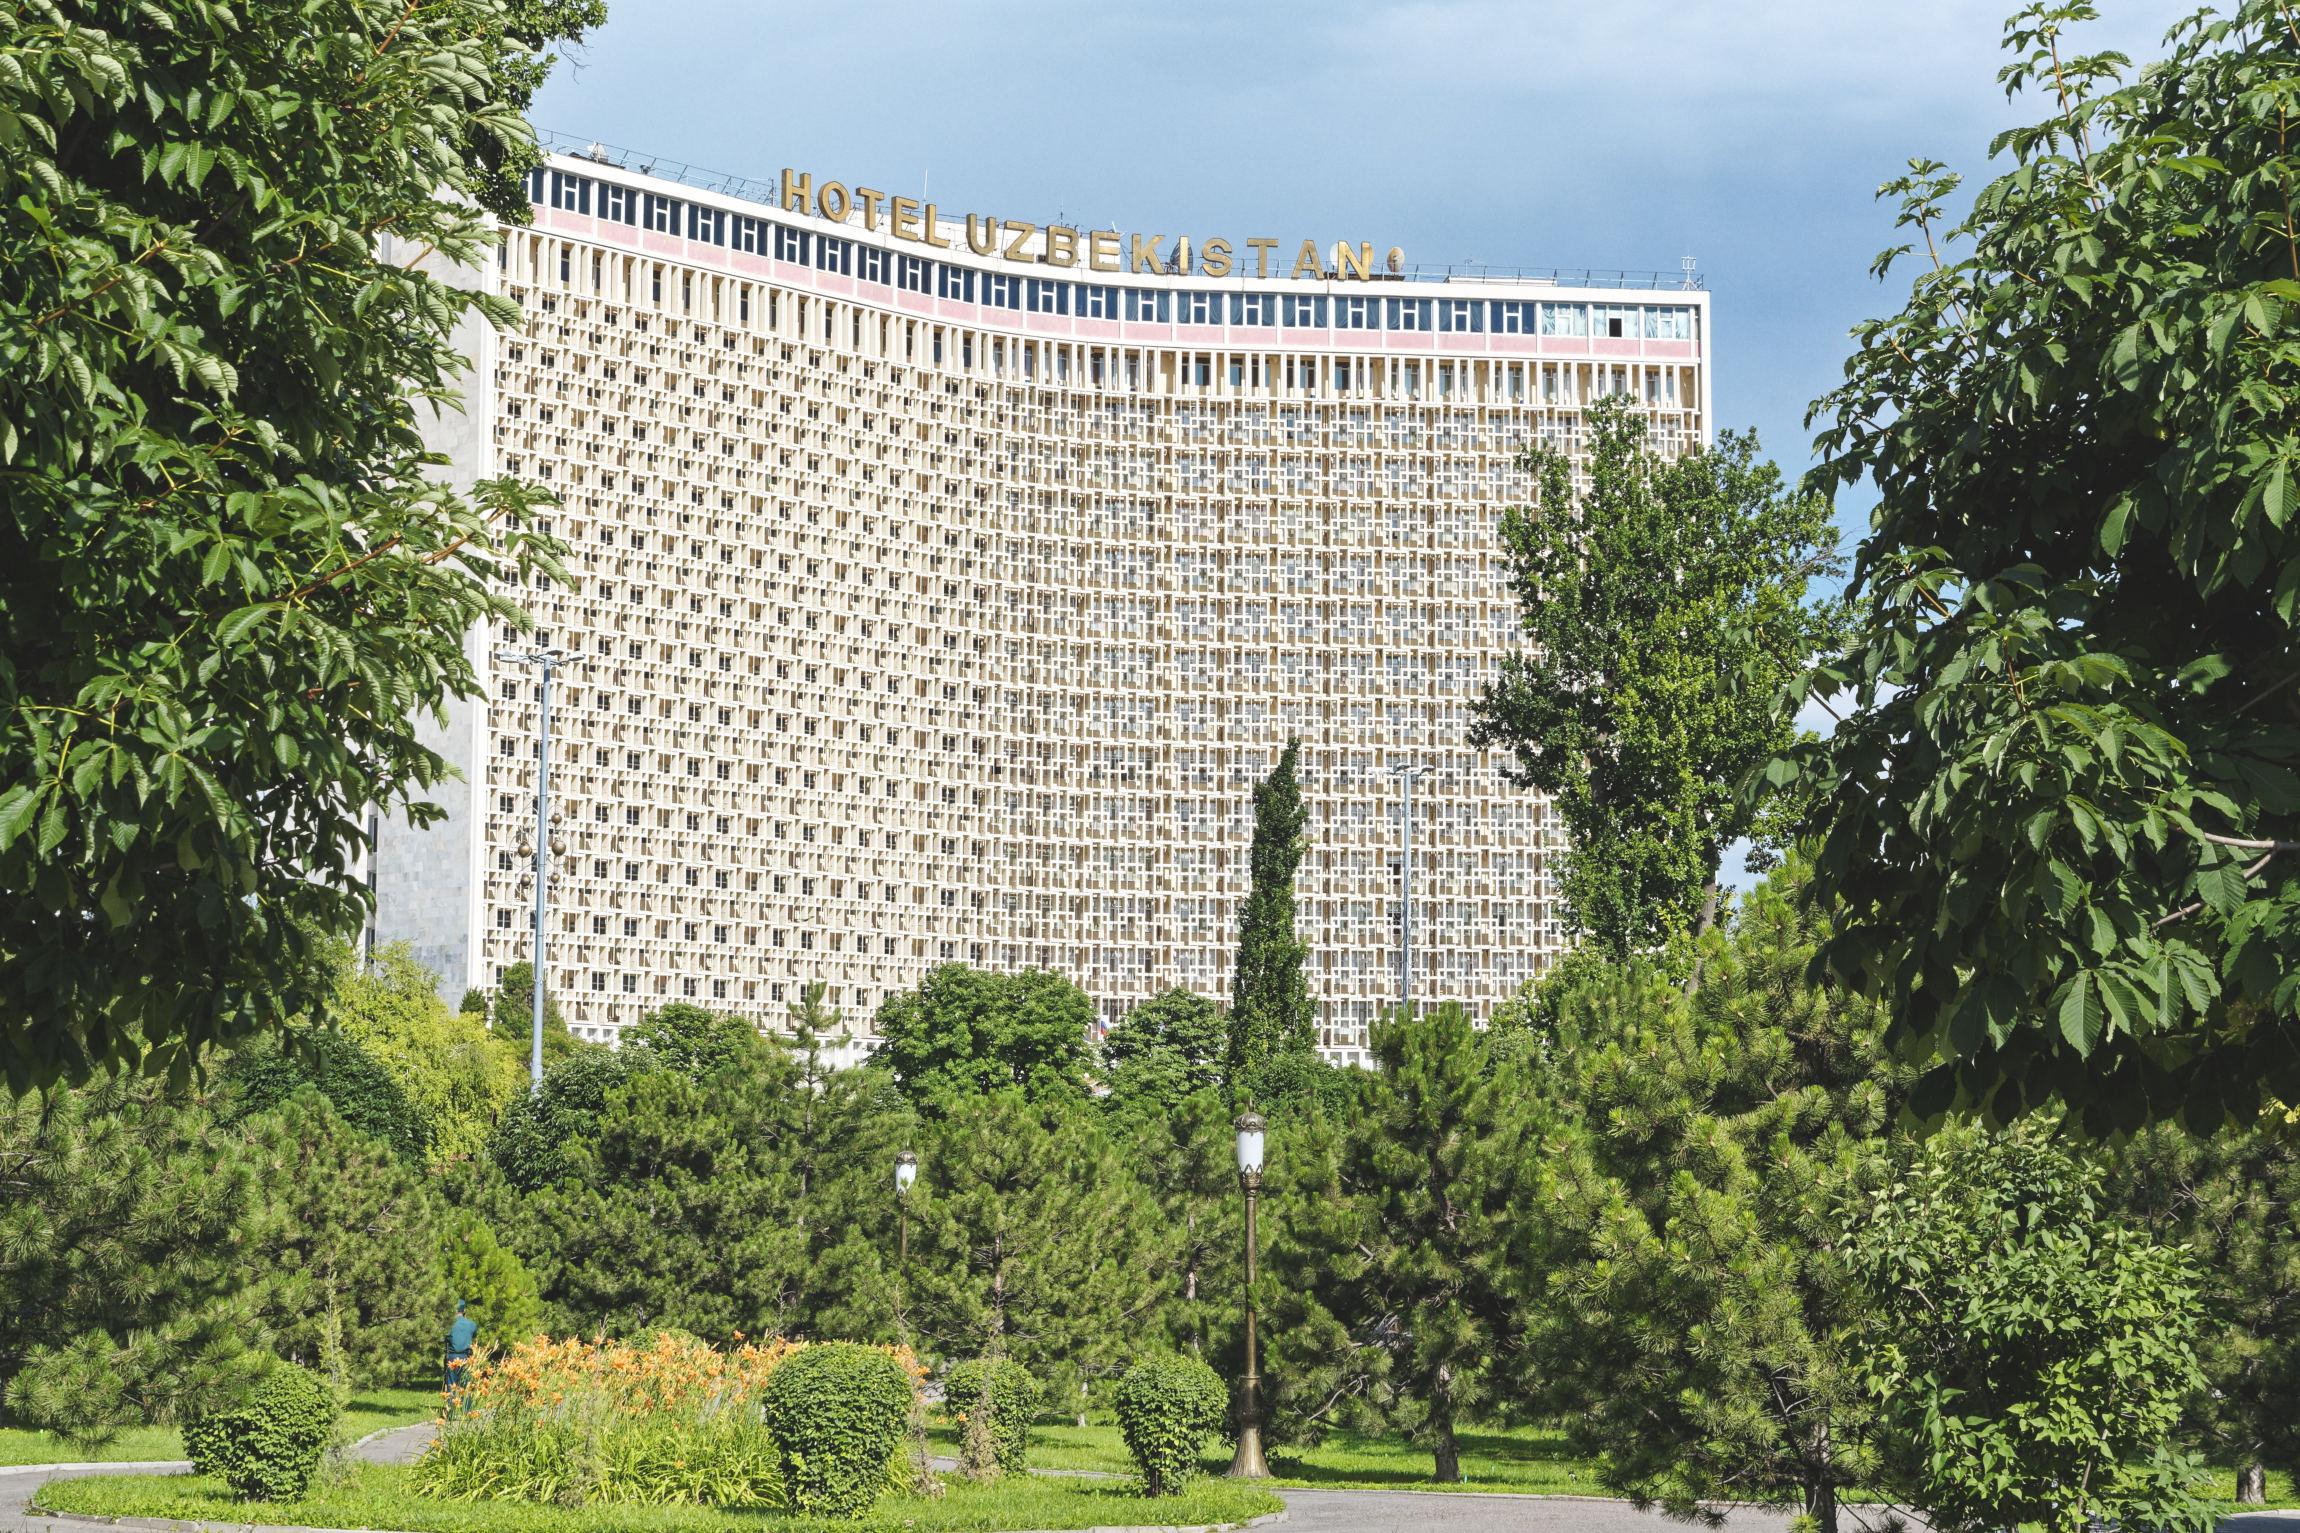 Hotel Uzbekistan Tachkent Ouzbékistan